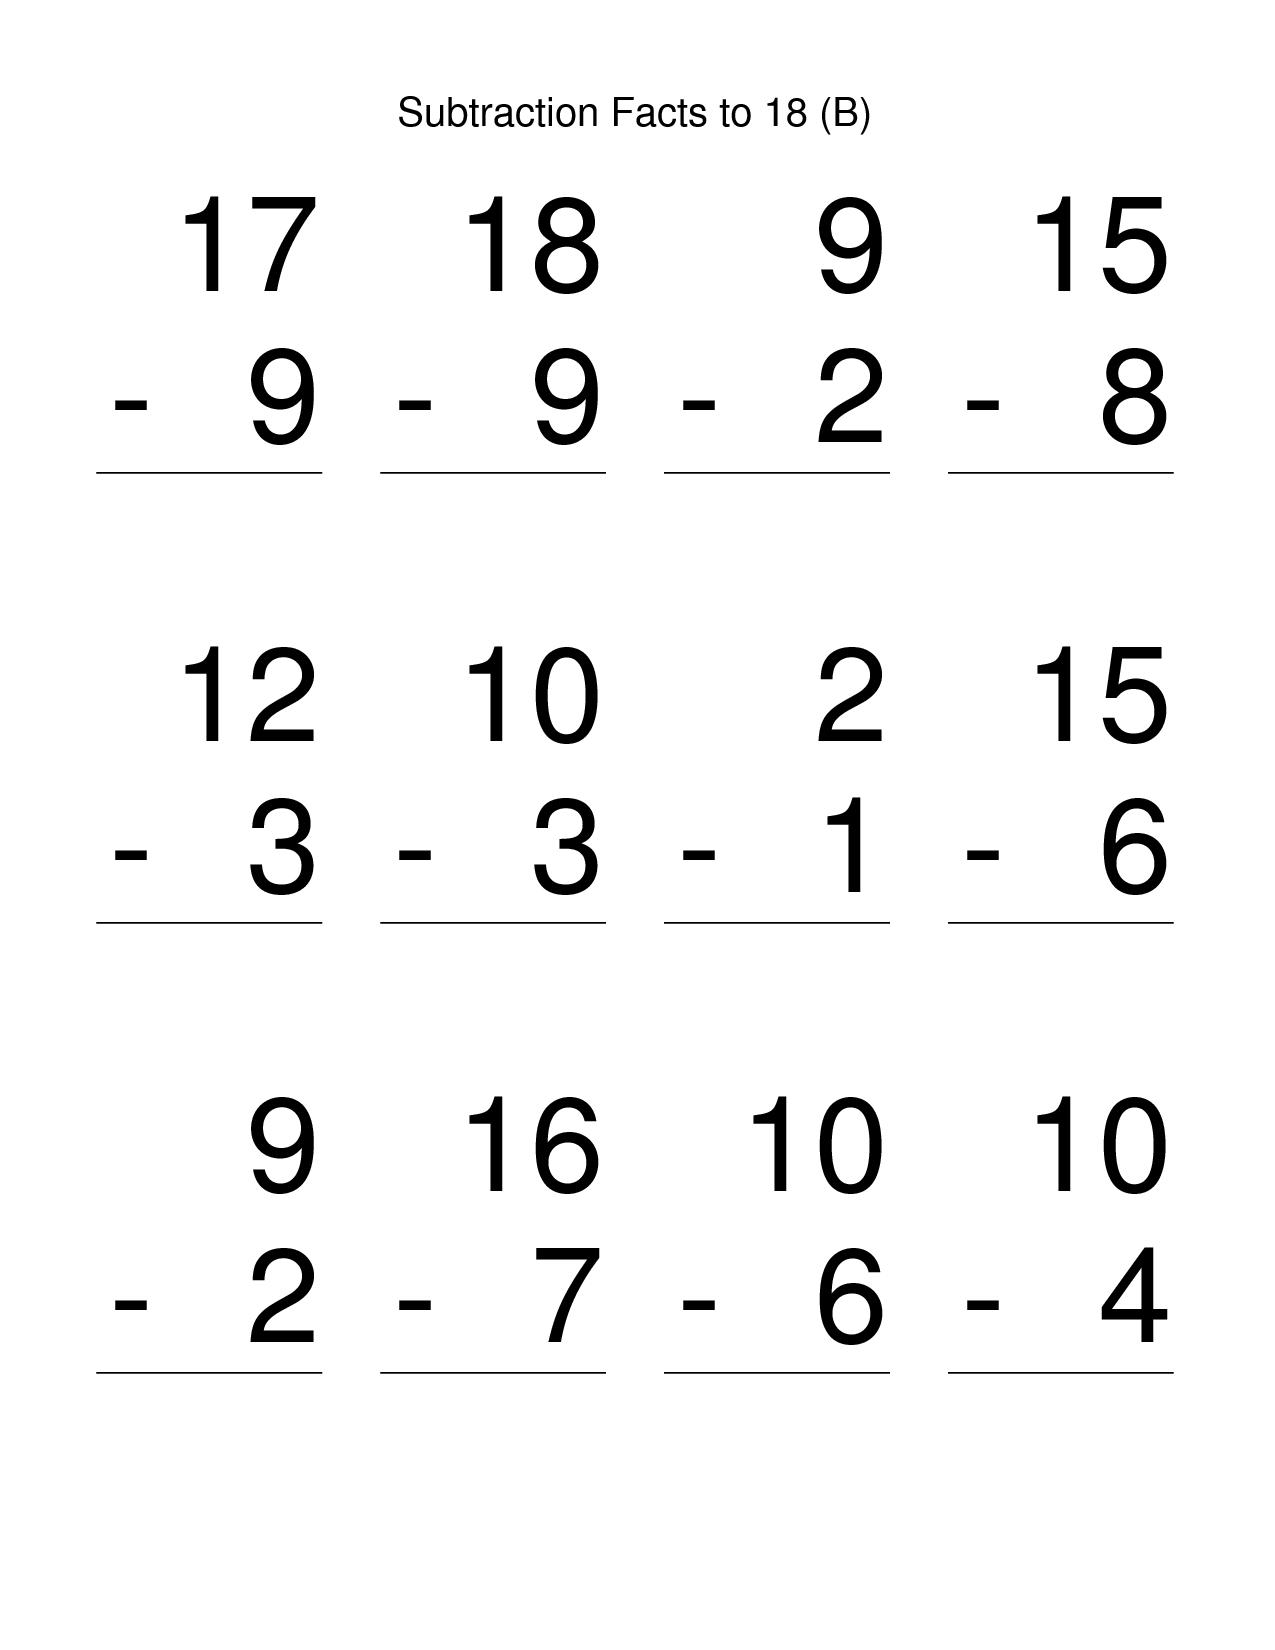 maths worksheets for grade 1 download 1st grade math worksheets free loving printable download 1 worksheets for grade maths